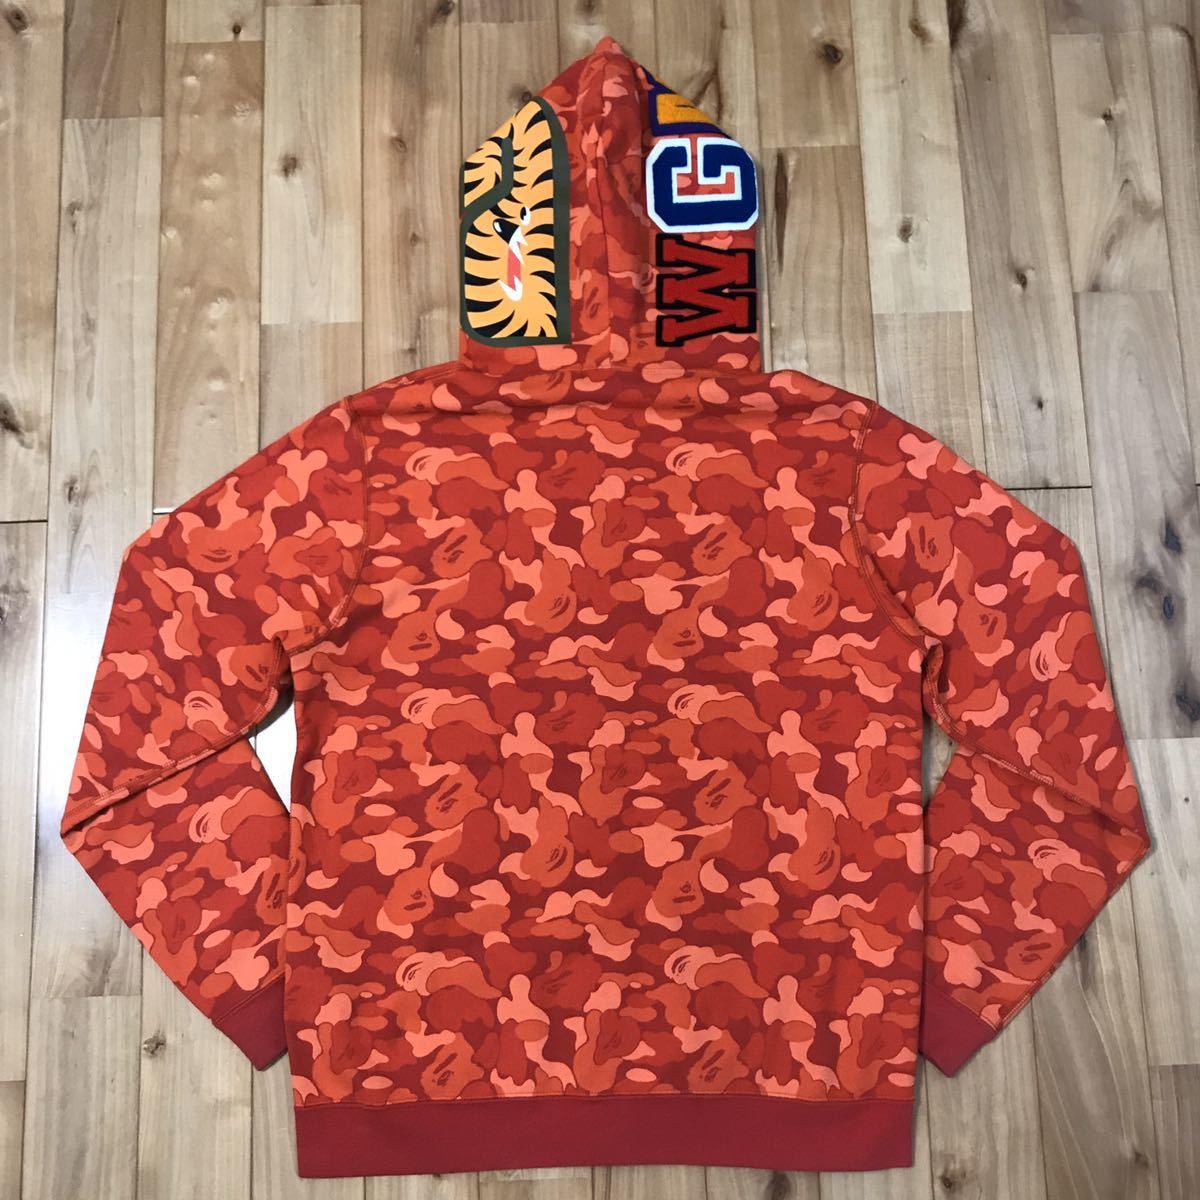 ★ソウル限定★ Seoul city camo シャーク パーカー Lサイズ shark full zip hoodie a bathing ape BAPE エイプ ベイプ 都市限定 迷彩 nigo